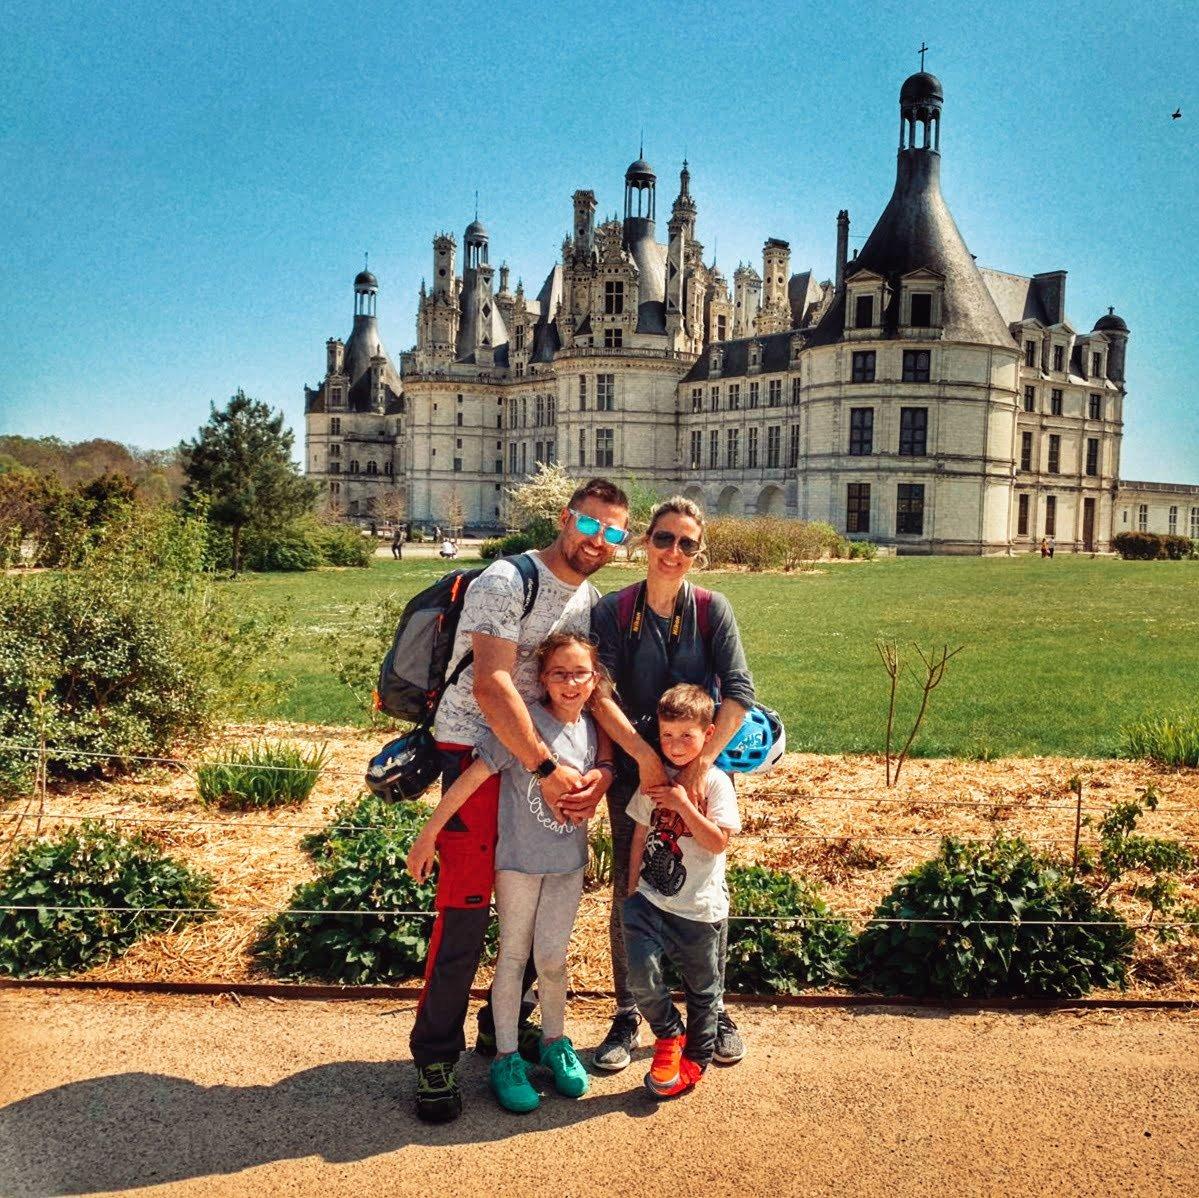 Ruta Castillos del Loira en autocaravana: Chambord, el castillo más grande del Loira + 8 castillos más